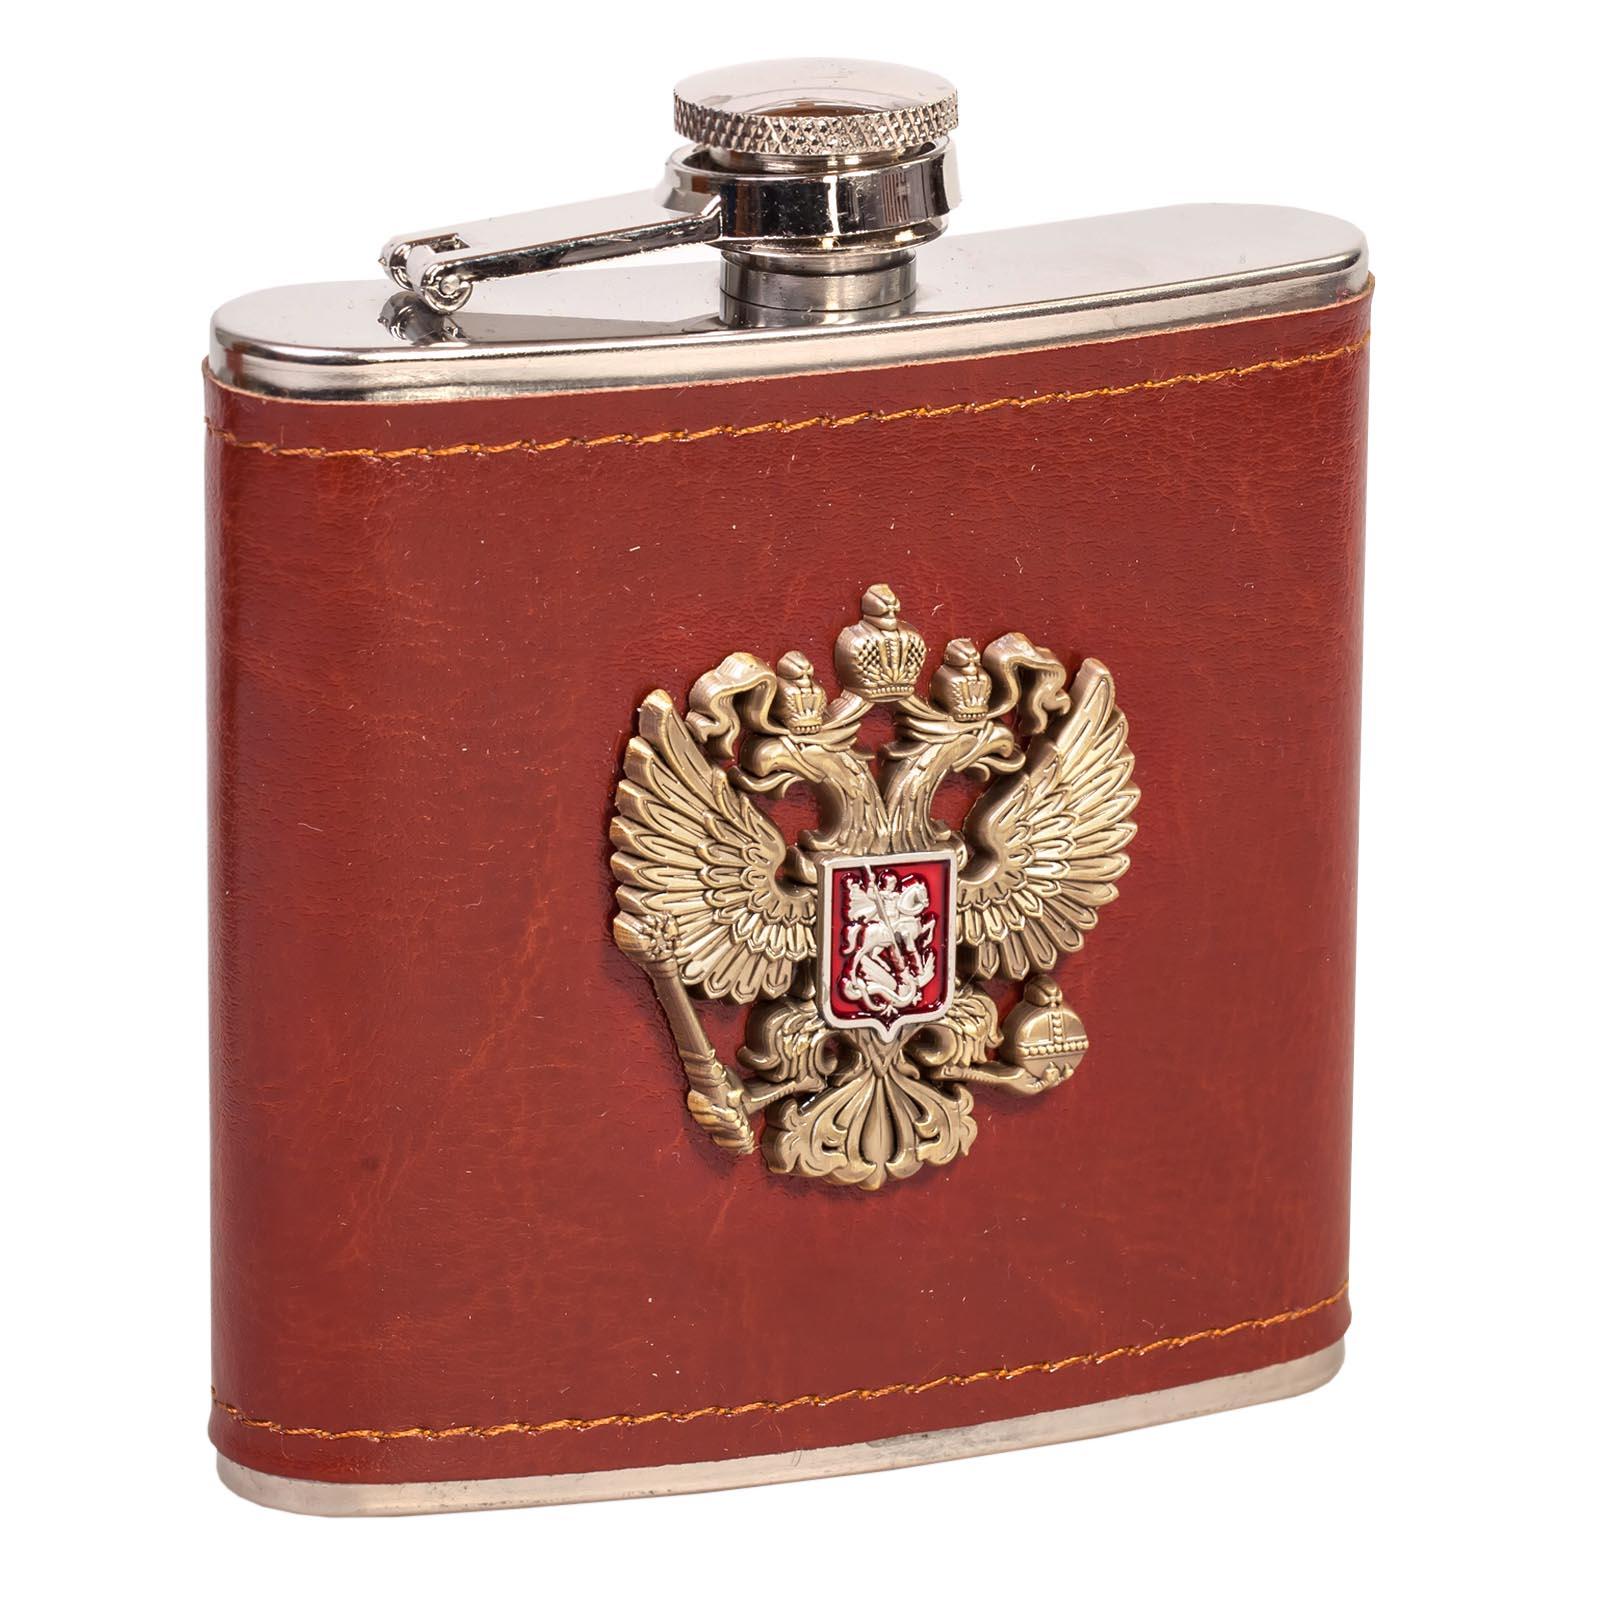 Недорогие фляжки для мужчин с гербом РФ – качественная нержавейка, честная цена